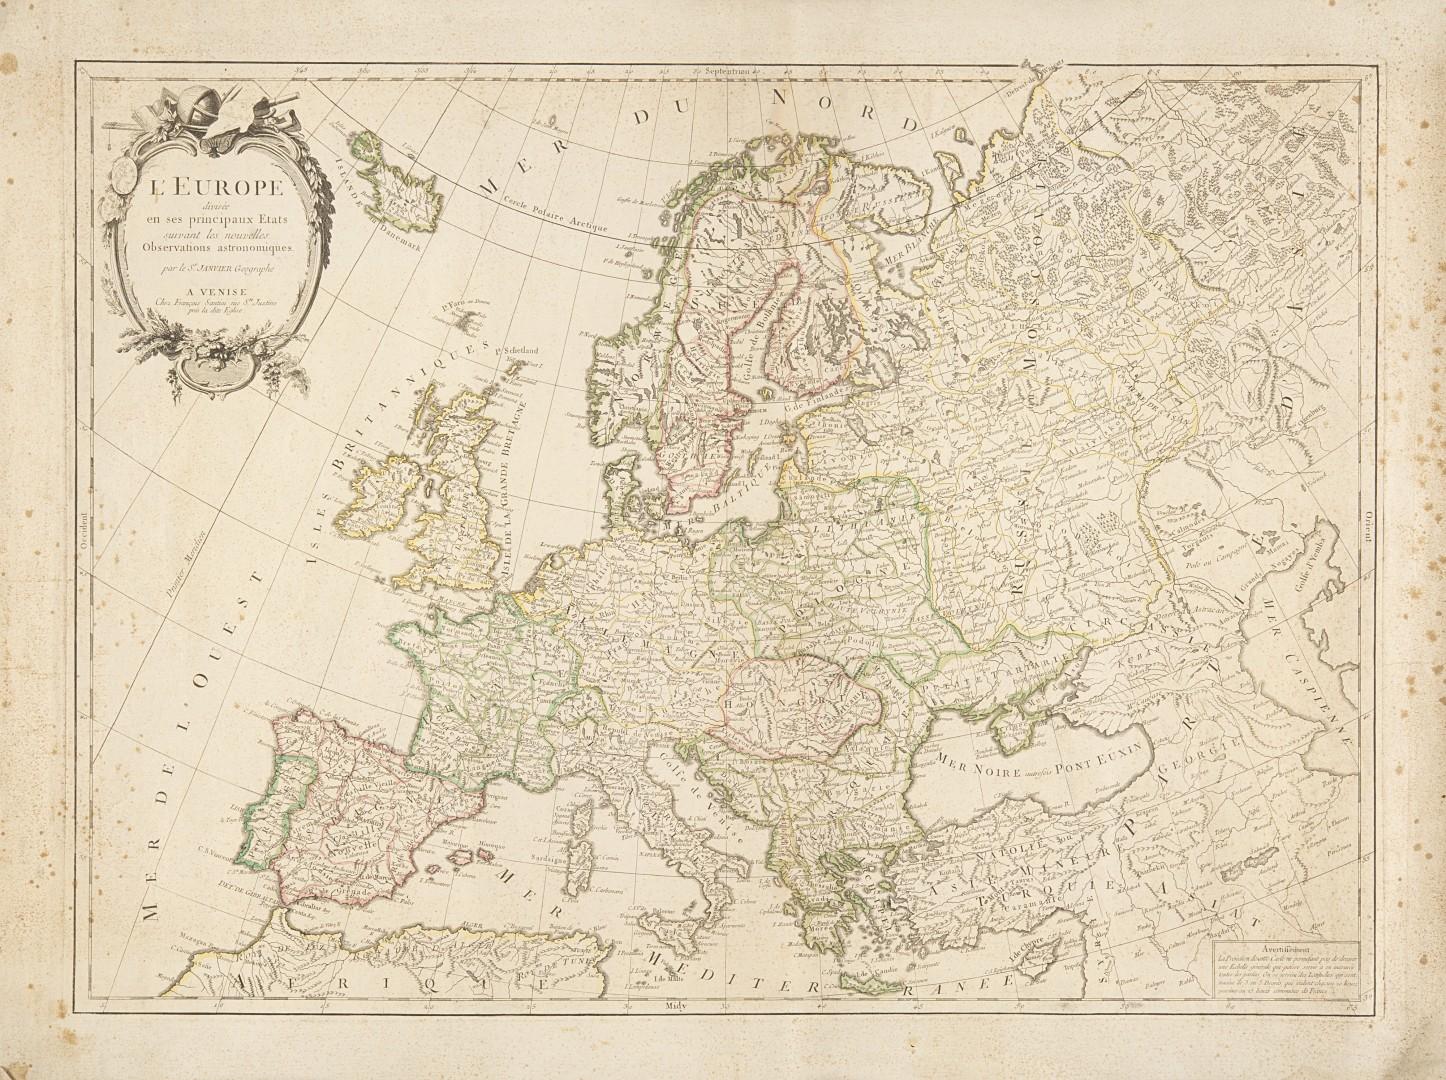 [Carte geografiche]